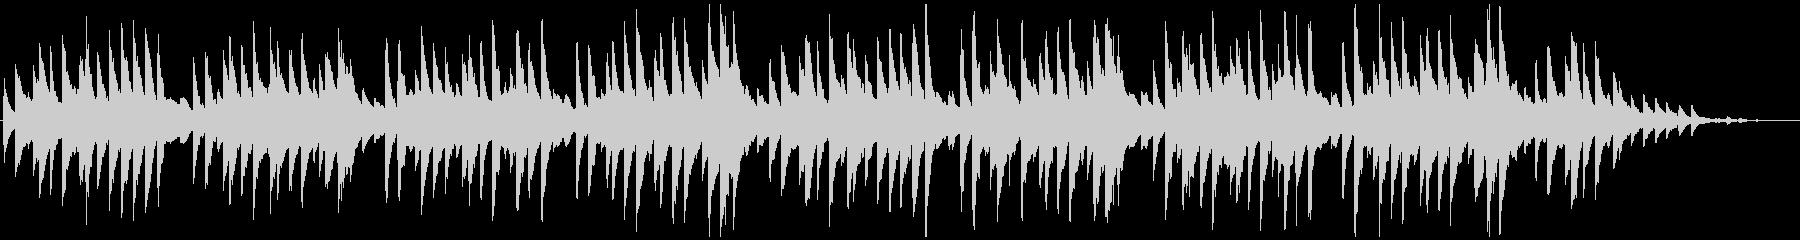 蛍の光 シンプルなピアノソロの未再生の波形